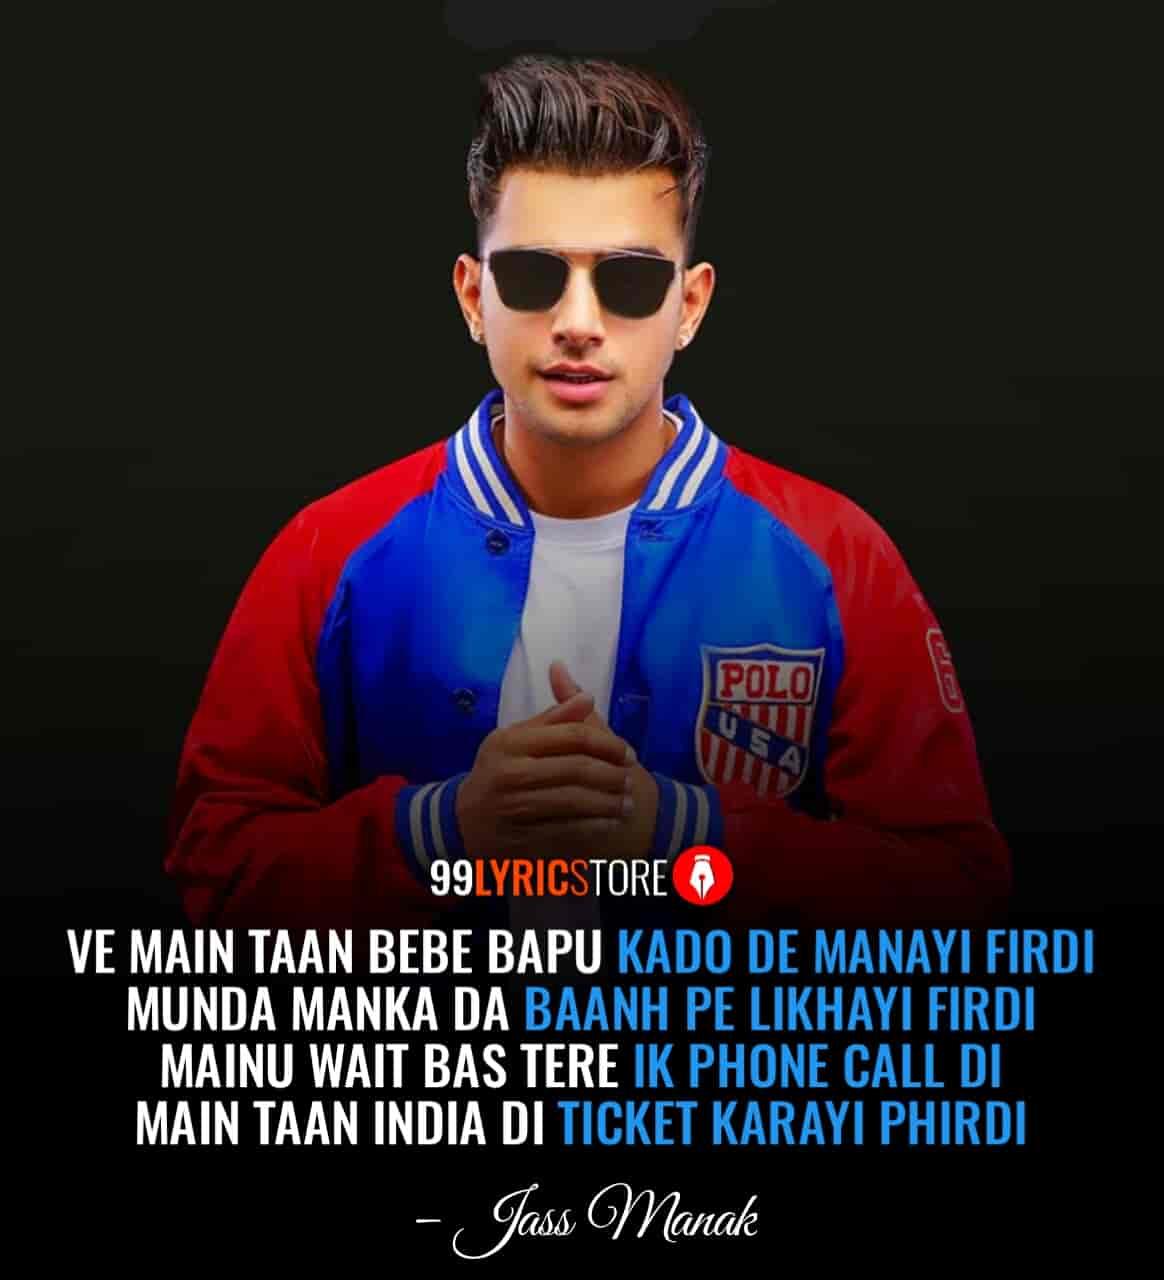 Tera Mera Viah Jass Manak Images